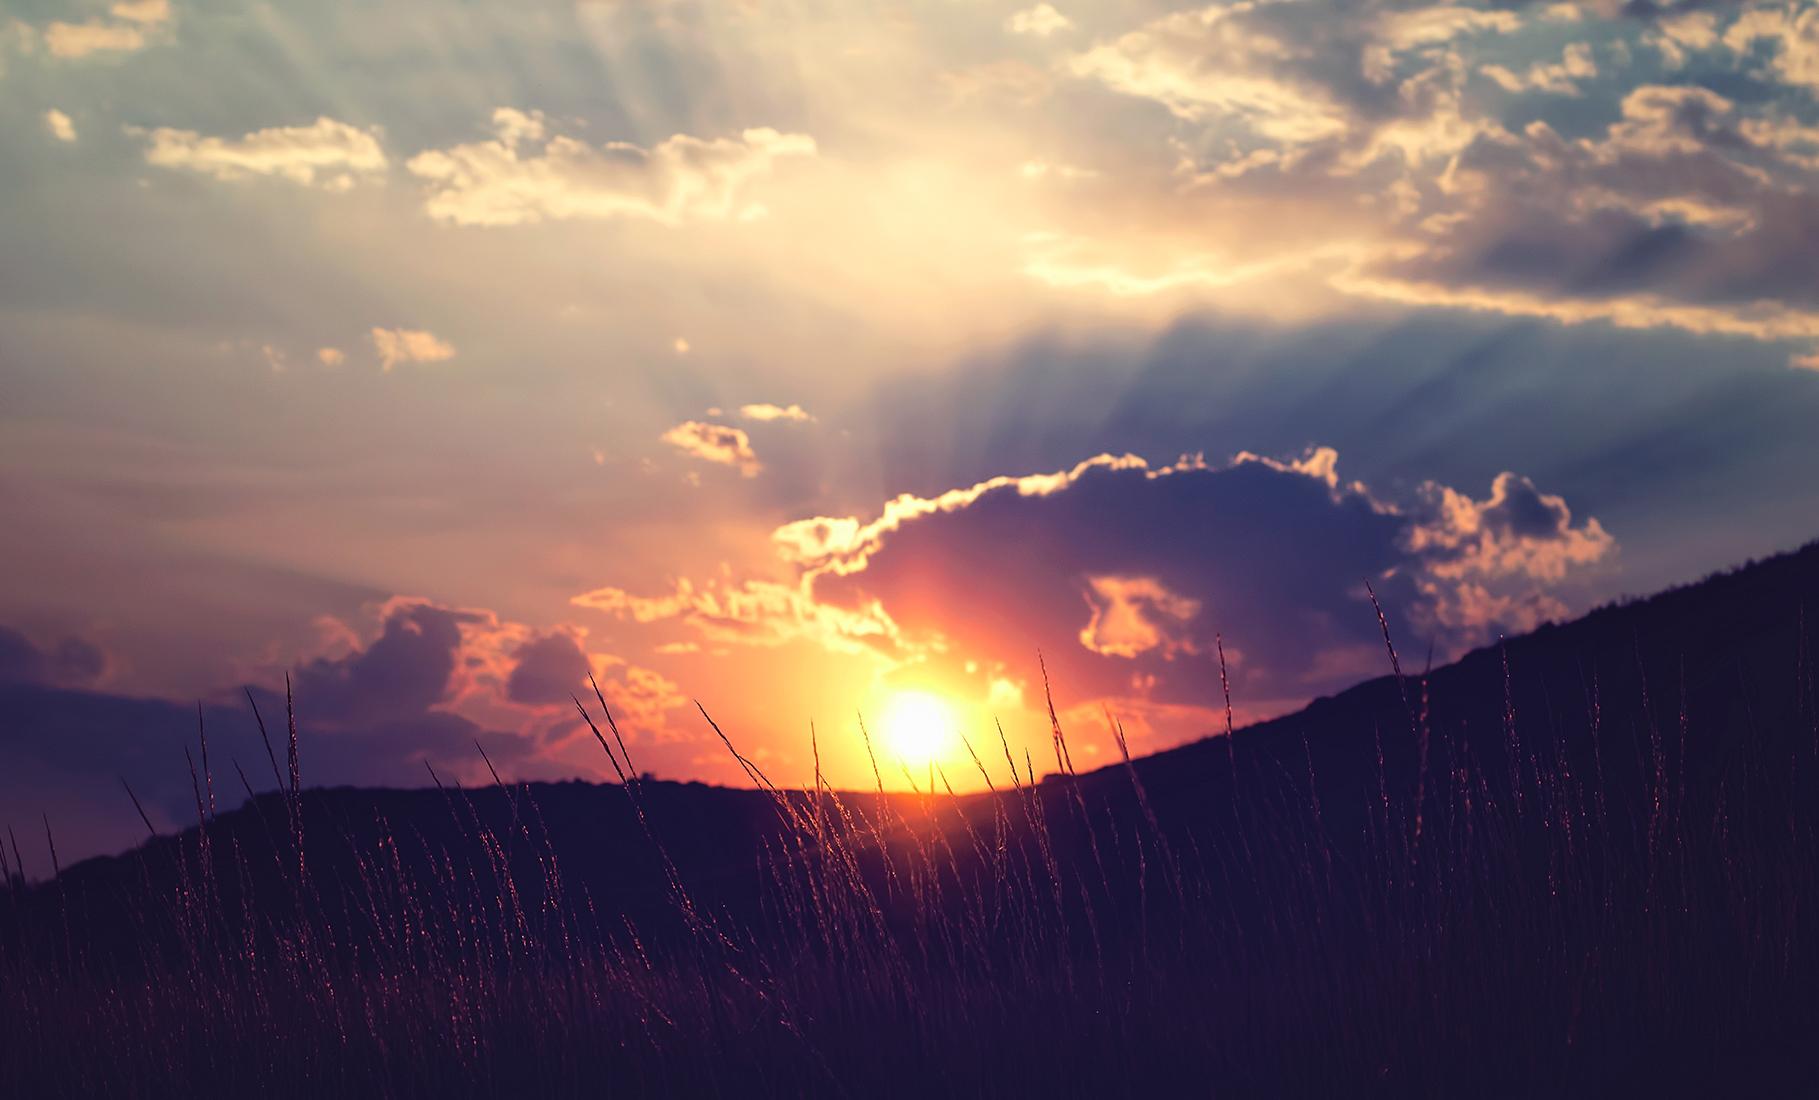 Sunset Behind a Hill